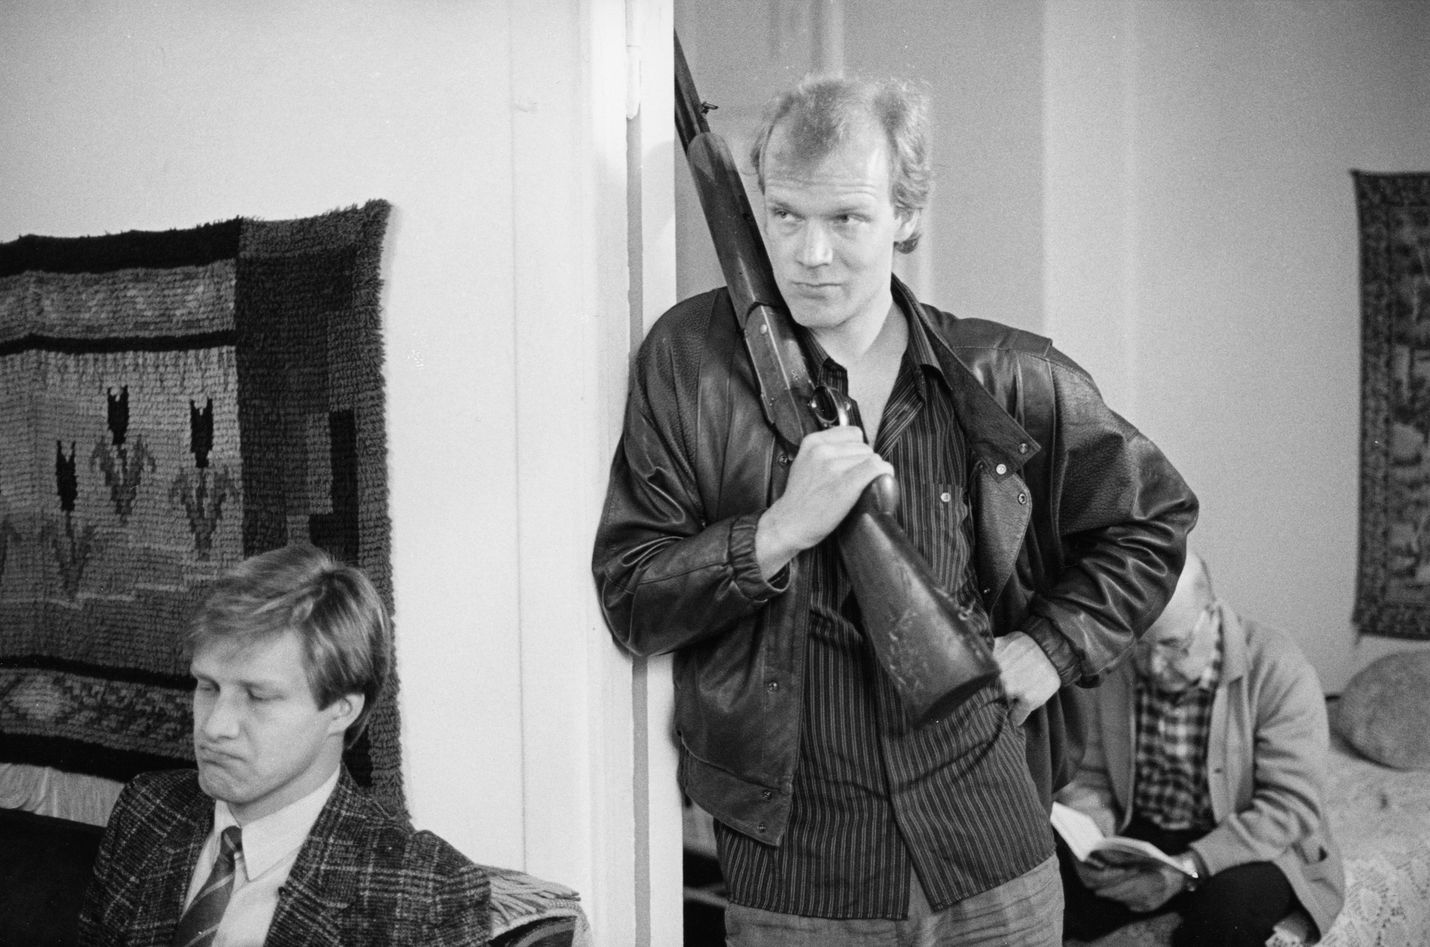 Raiskatun naisen aviomies (Taneli Mäkelä) ja veli (Kari Heiskanen) häilyvät paniikkitunnelmissa kotimaisessa draamassa.